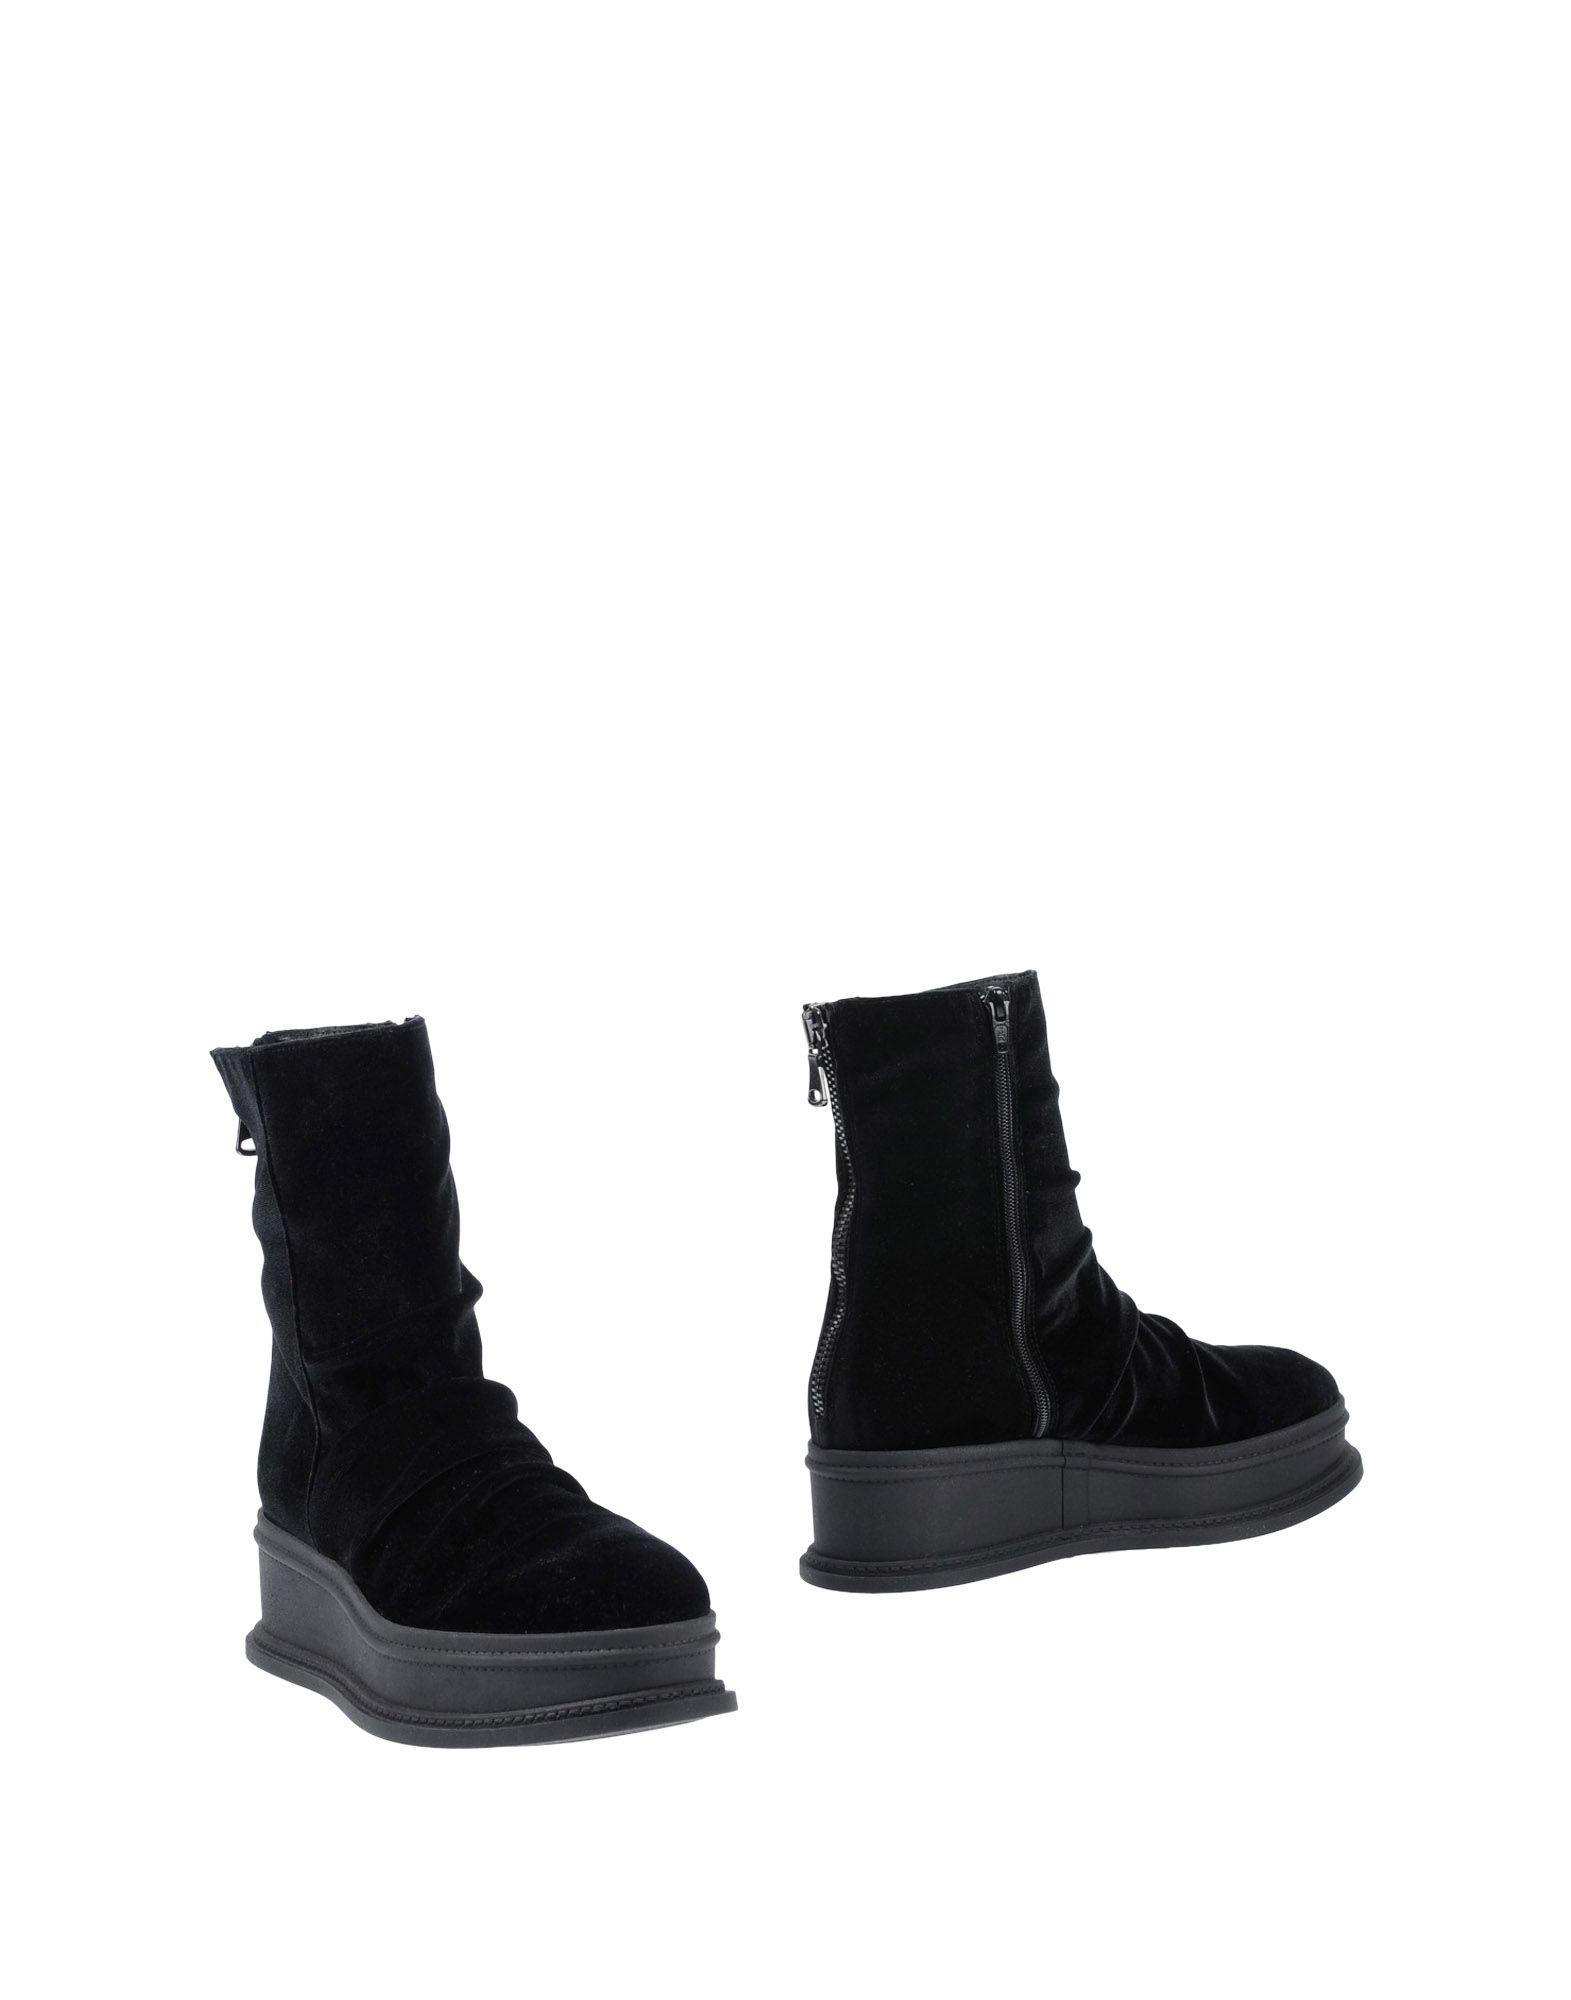 Unlace Stiefelette Damen  11471619HV Gute Qualität beliebte Schuhe